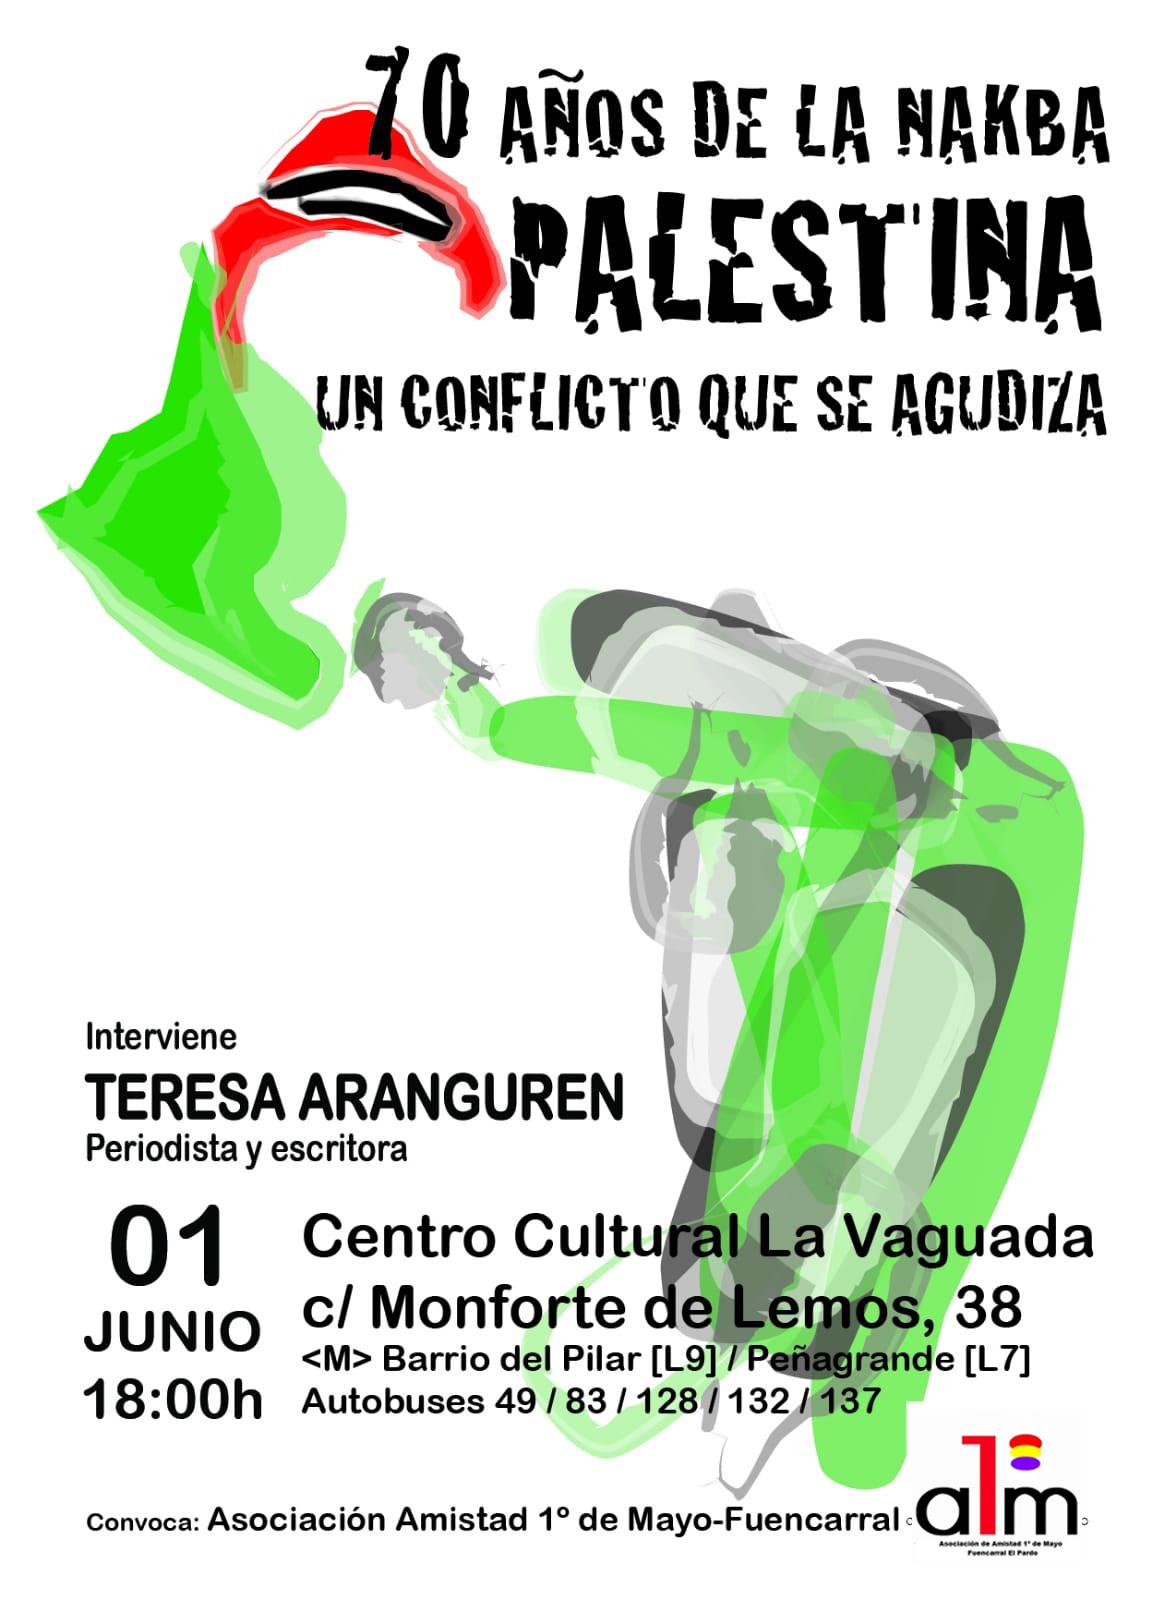 1 de junio Debate Solidario con el Pueblo Palestino